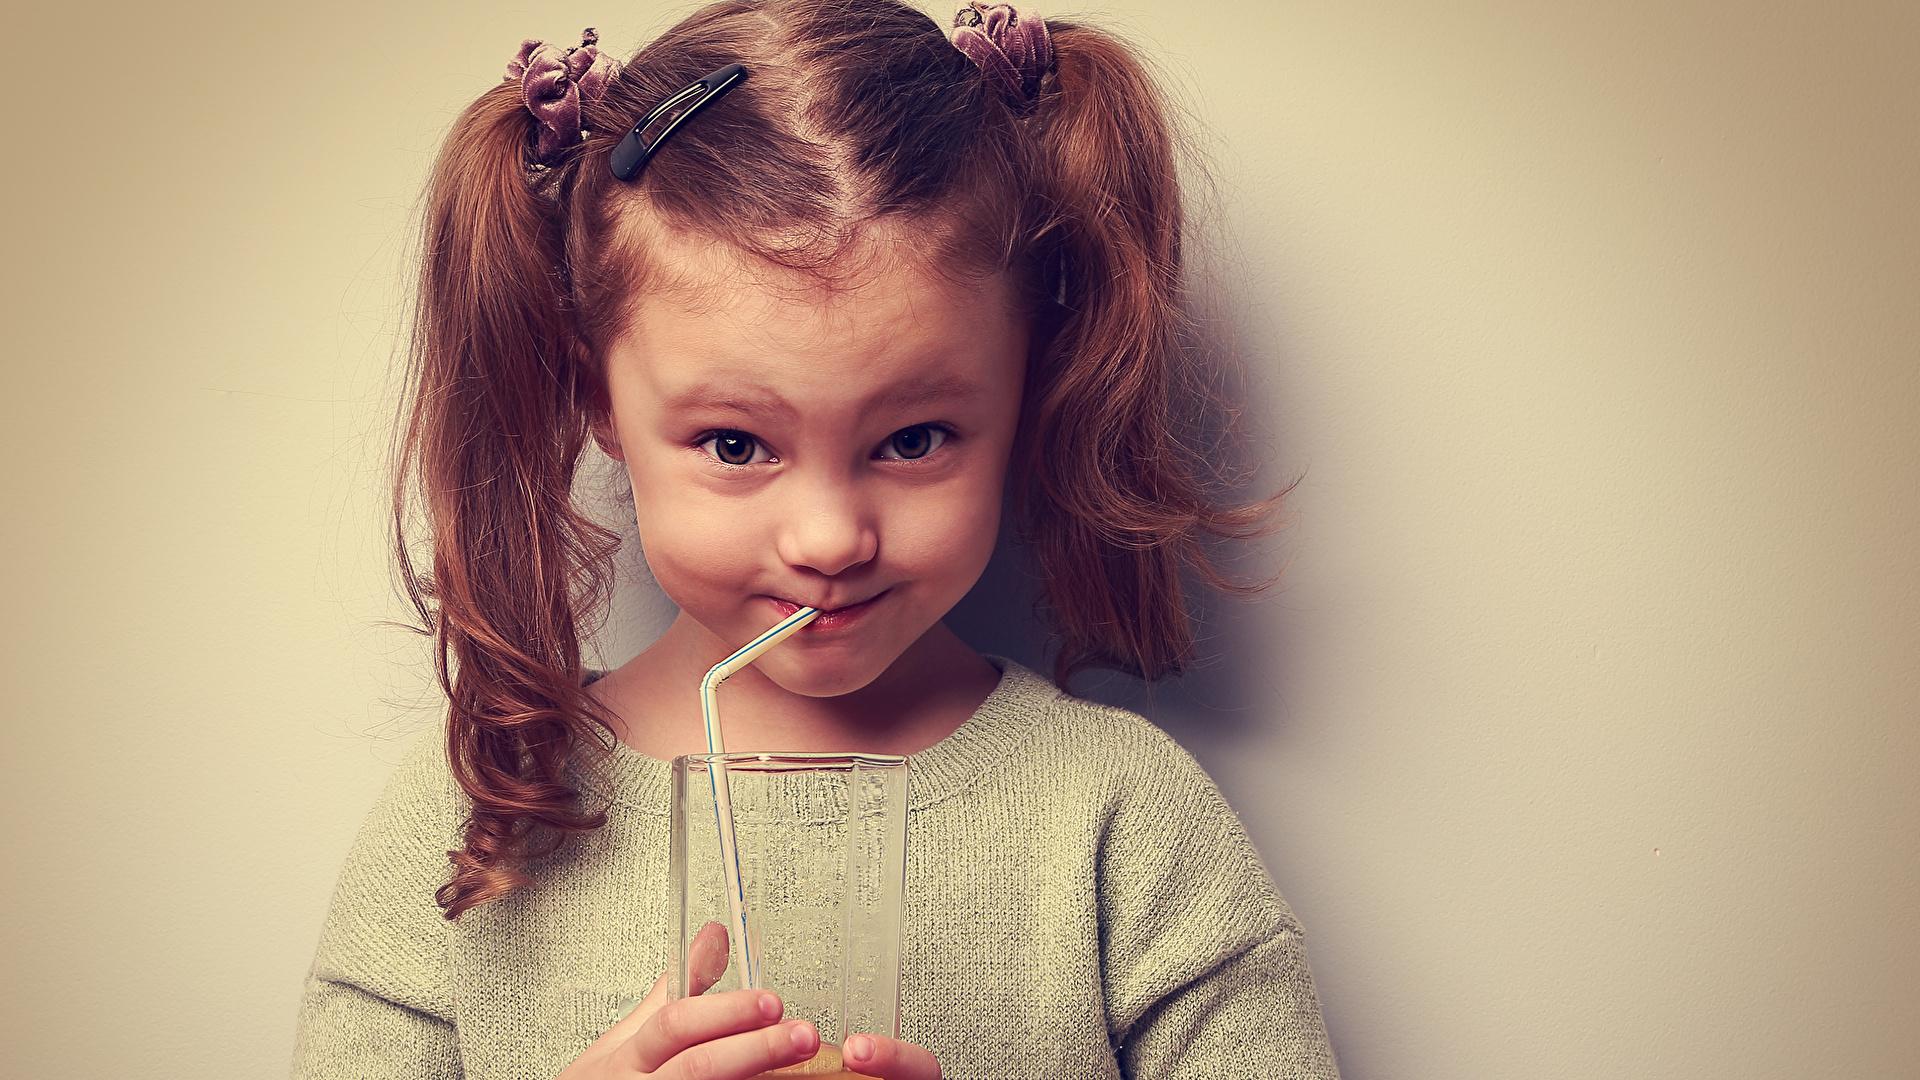 Фото Девочки Улыбка Дети Сок Стакан Руки Цветной фон 1920x1080 девочка улыбается ребёнок стакана стакане рука